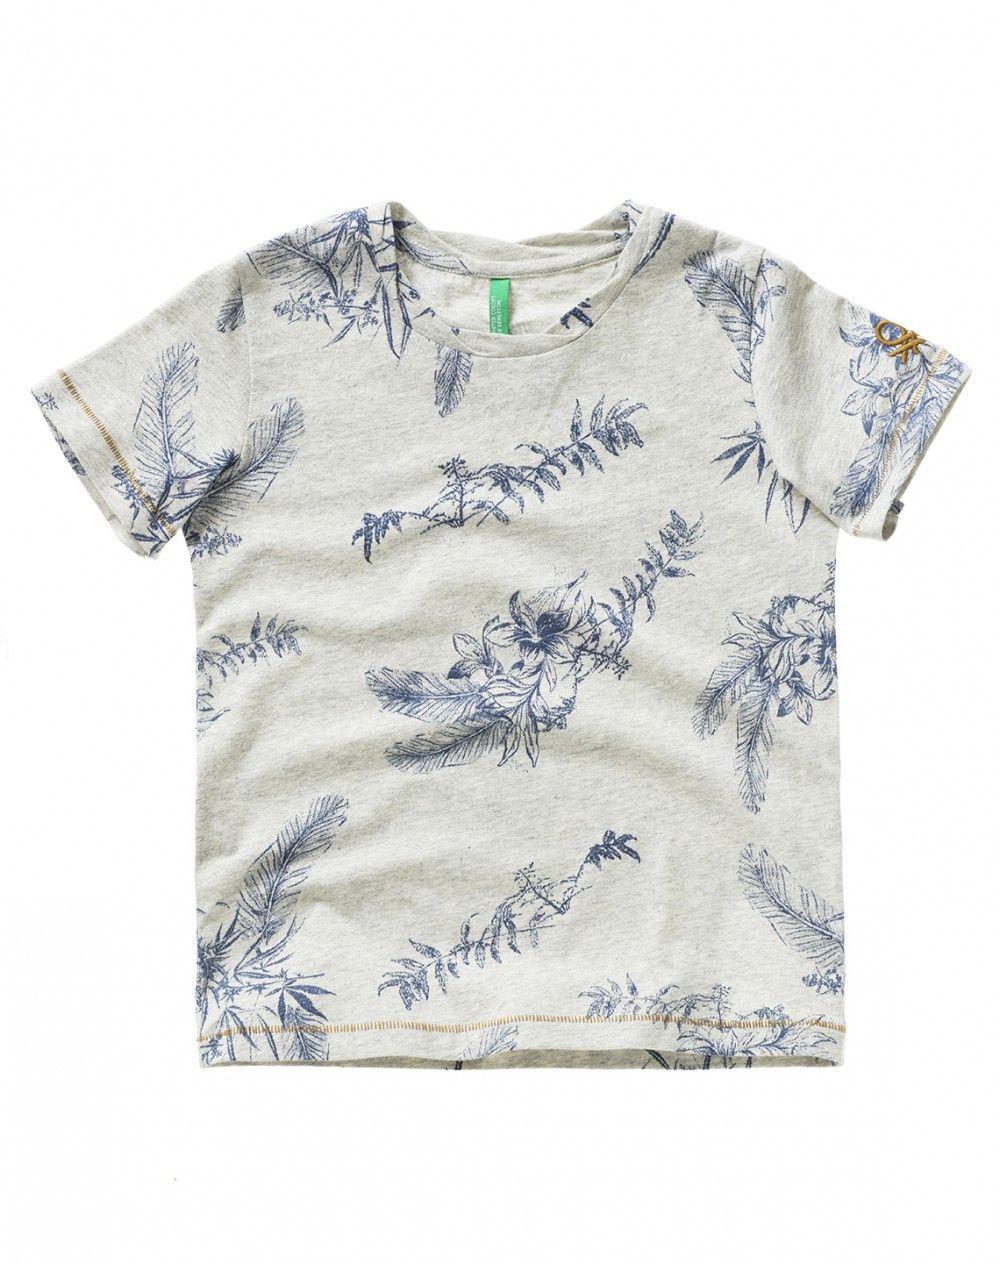 345fe810 Patterned t-shirt - T-SHIRTS AND POLO - BOY - KIDS | BOYSWEAR SS17